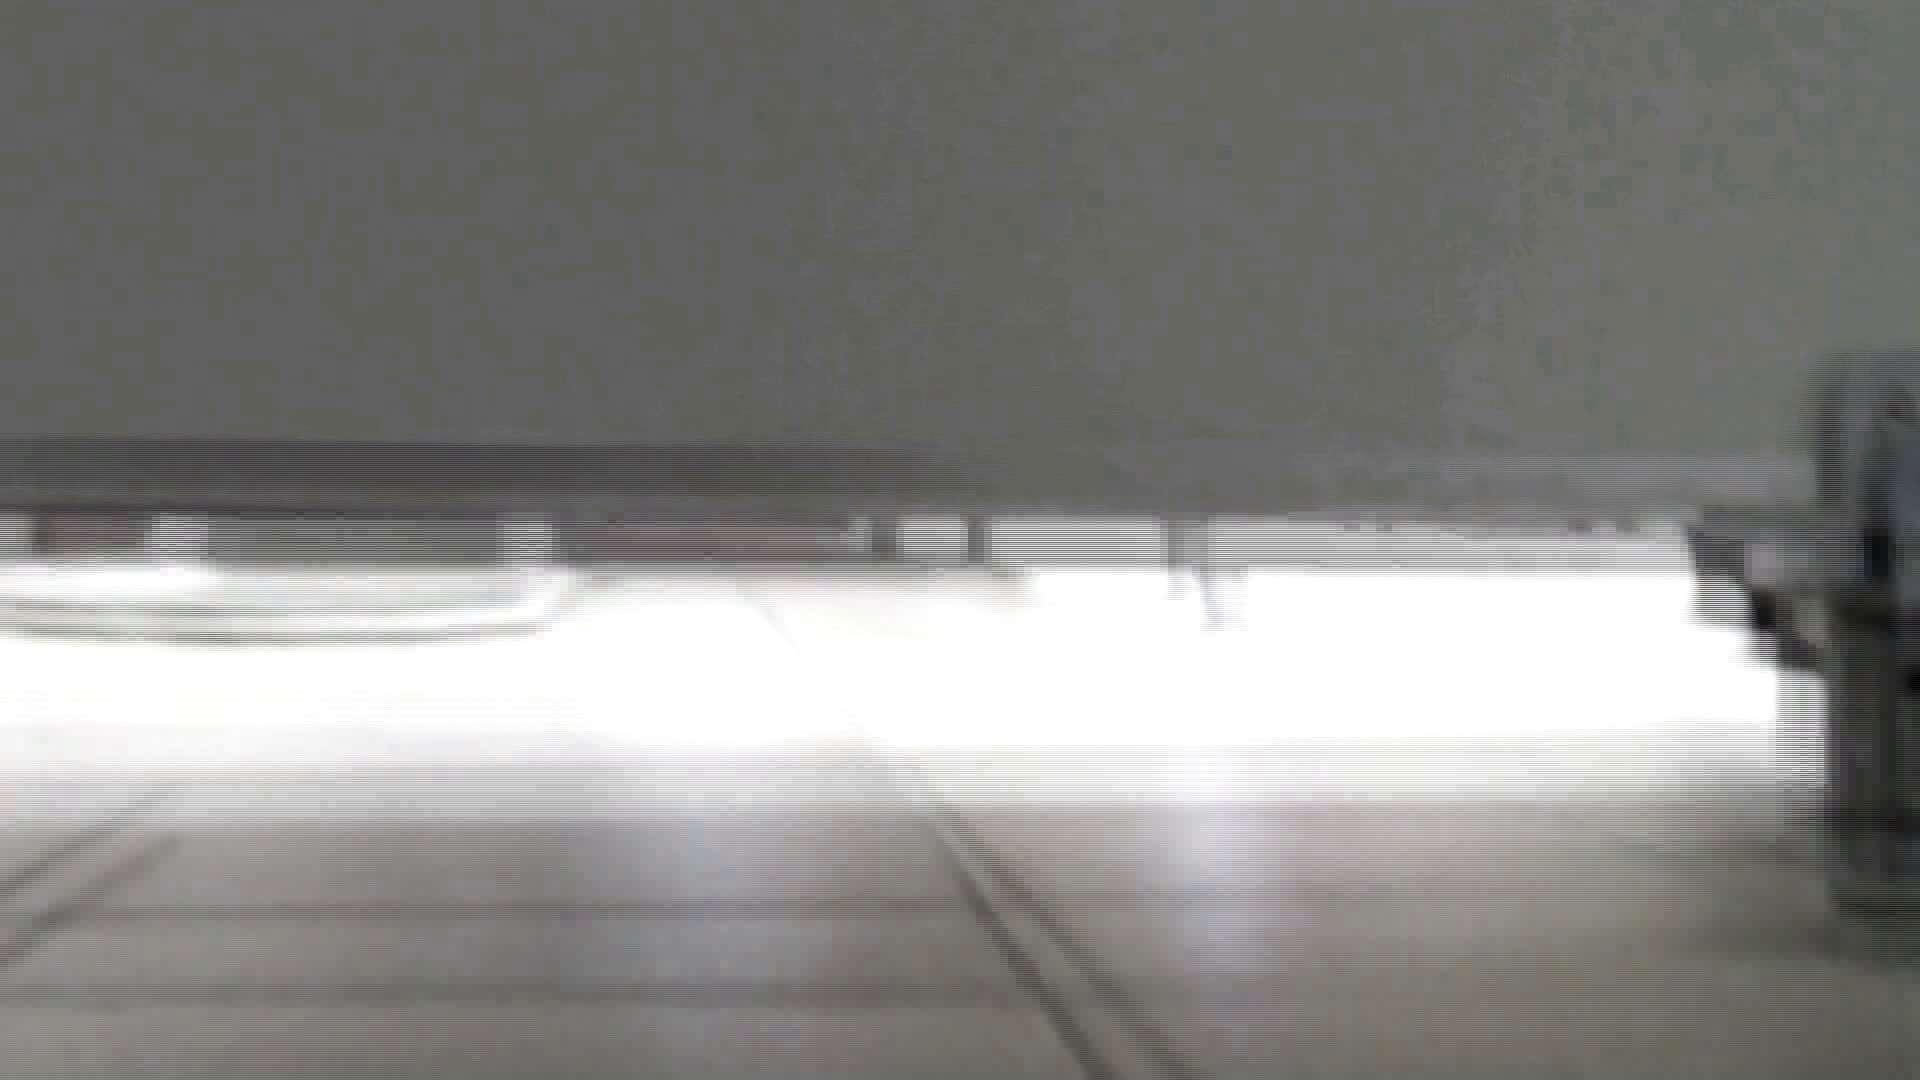 美しい日本の未来 特別版 軌跡2 盗撮エロすぎ   おまんこ無修正  76連発 74